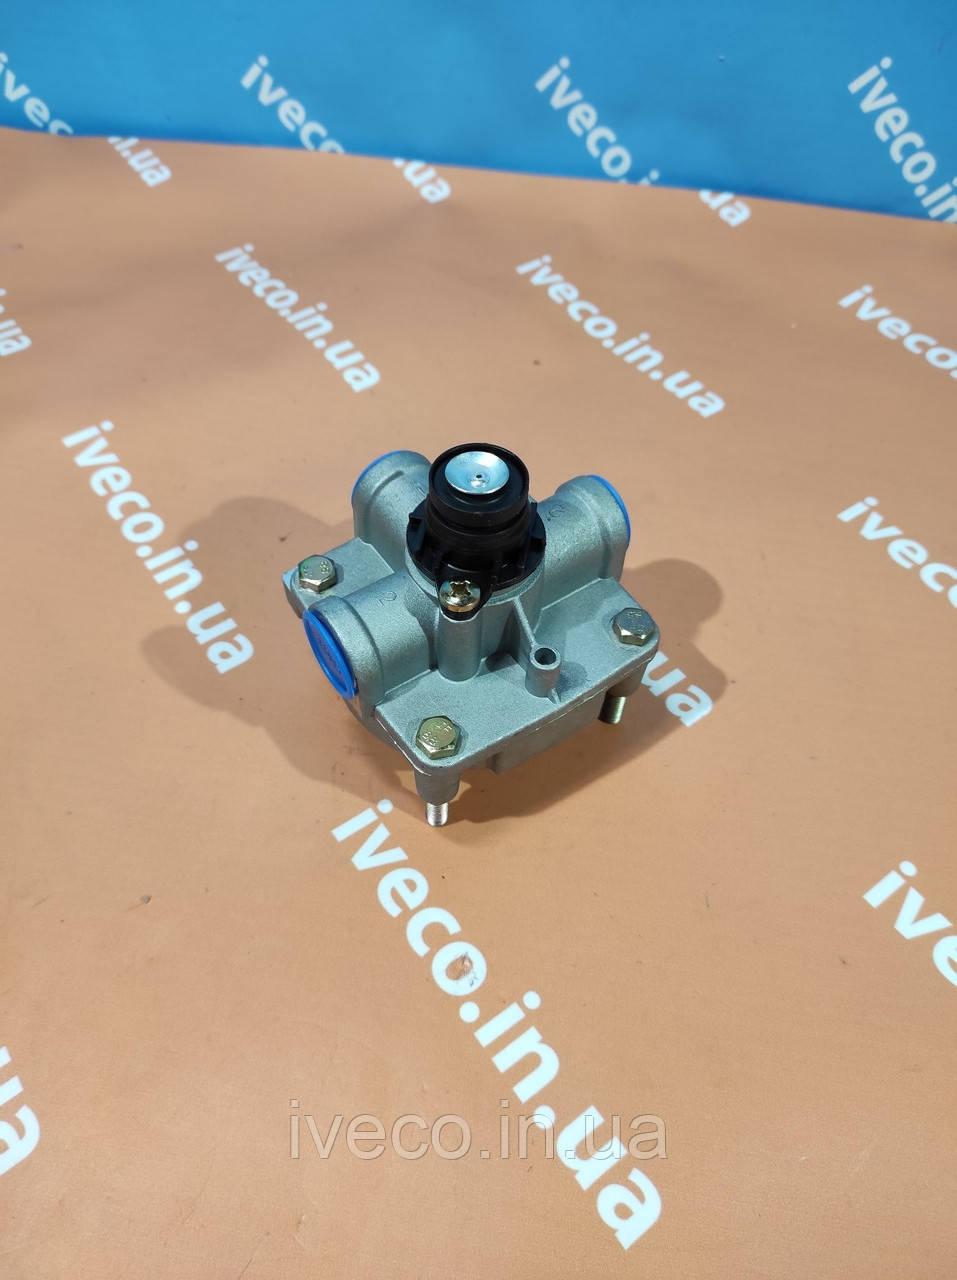 Клапан ускорительный IVECO MAN MB VOLVO DAF SCANIA 1519331 MZK4110 81436096005 9730110000 60868CNT